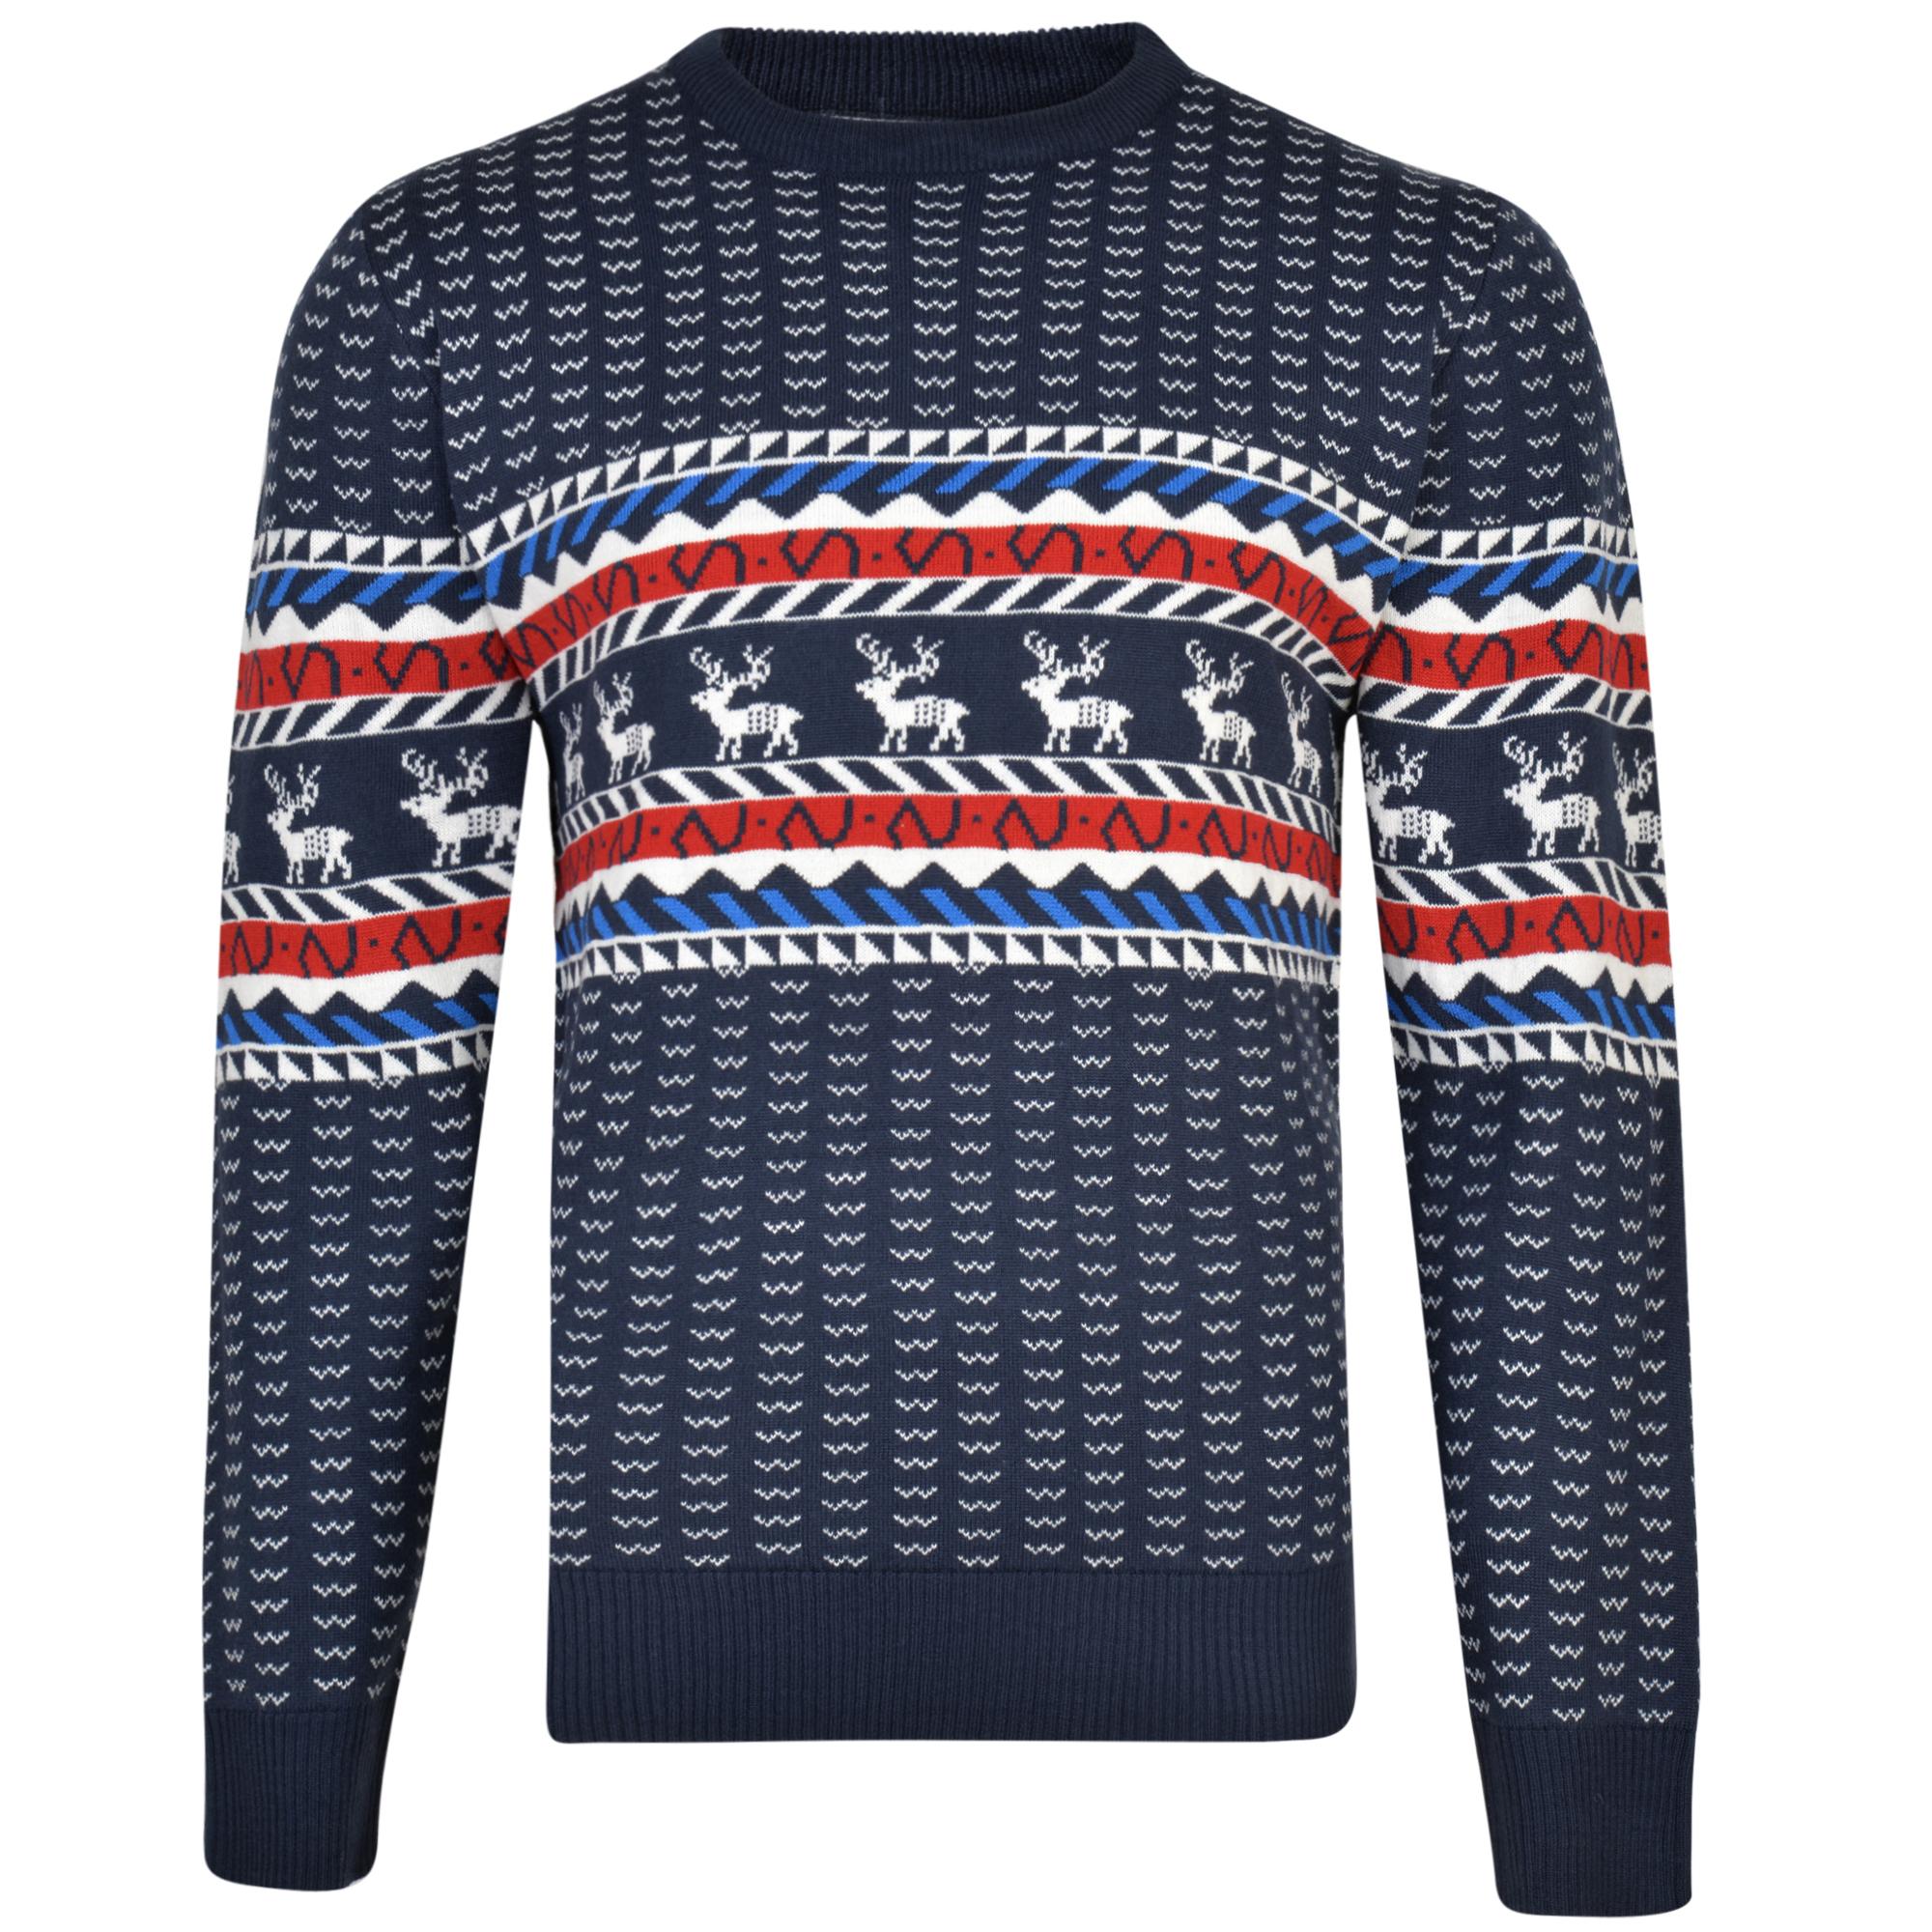 Kerst trui met rendier motief van merk KAM Jeanswear in de kleur navy, gemaakt van acryl.